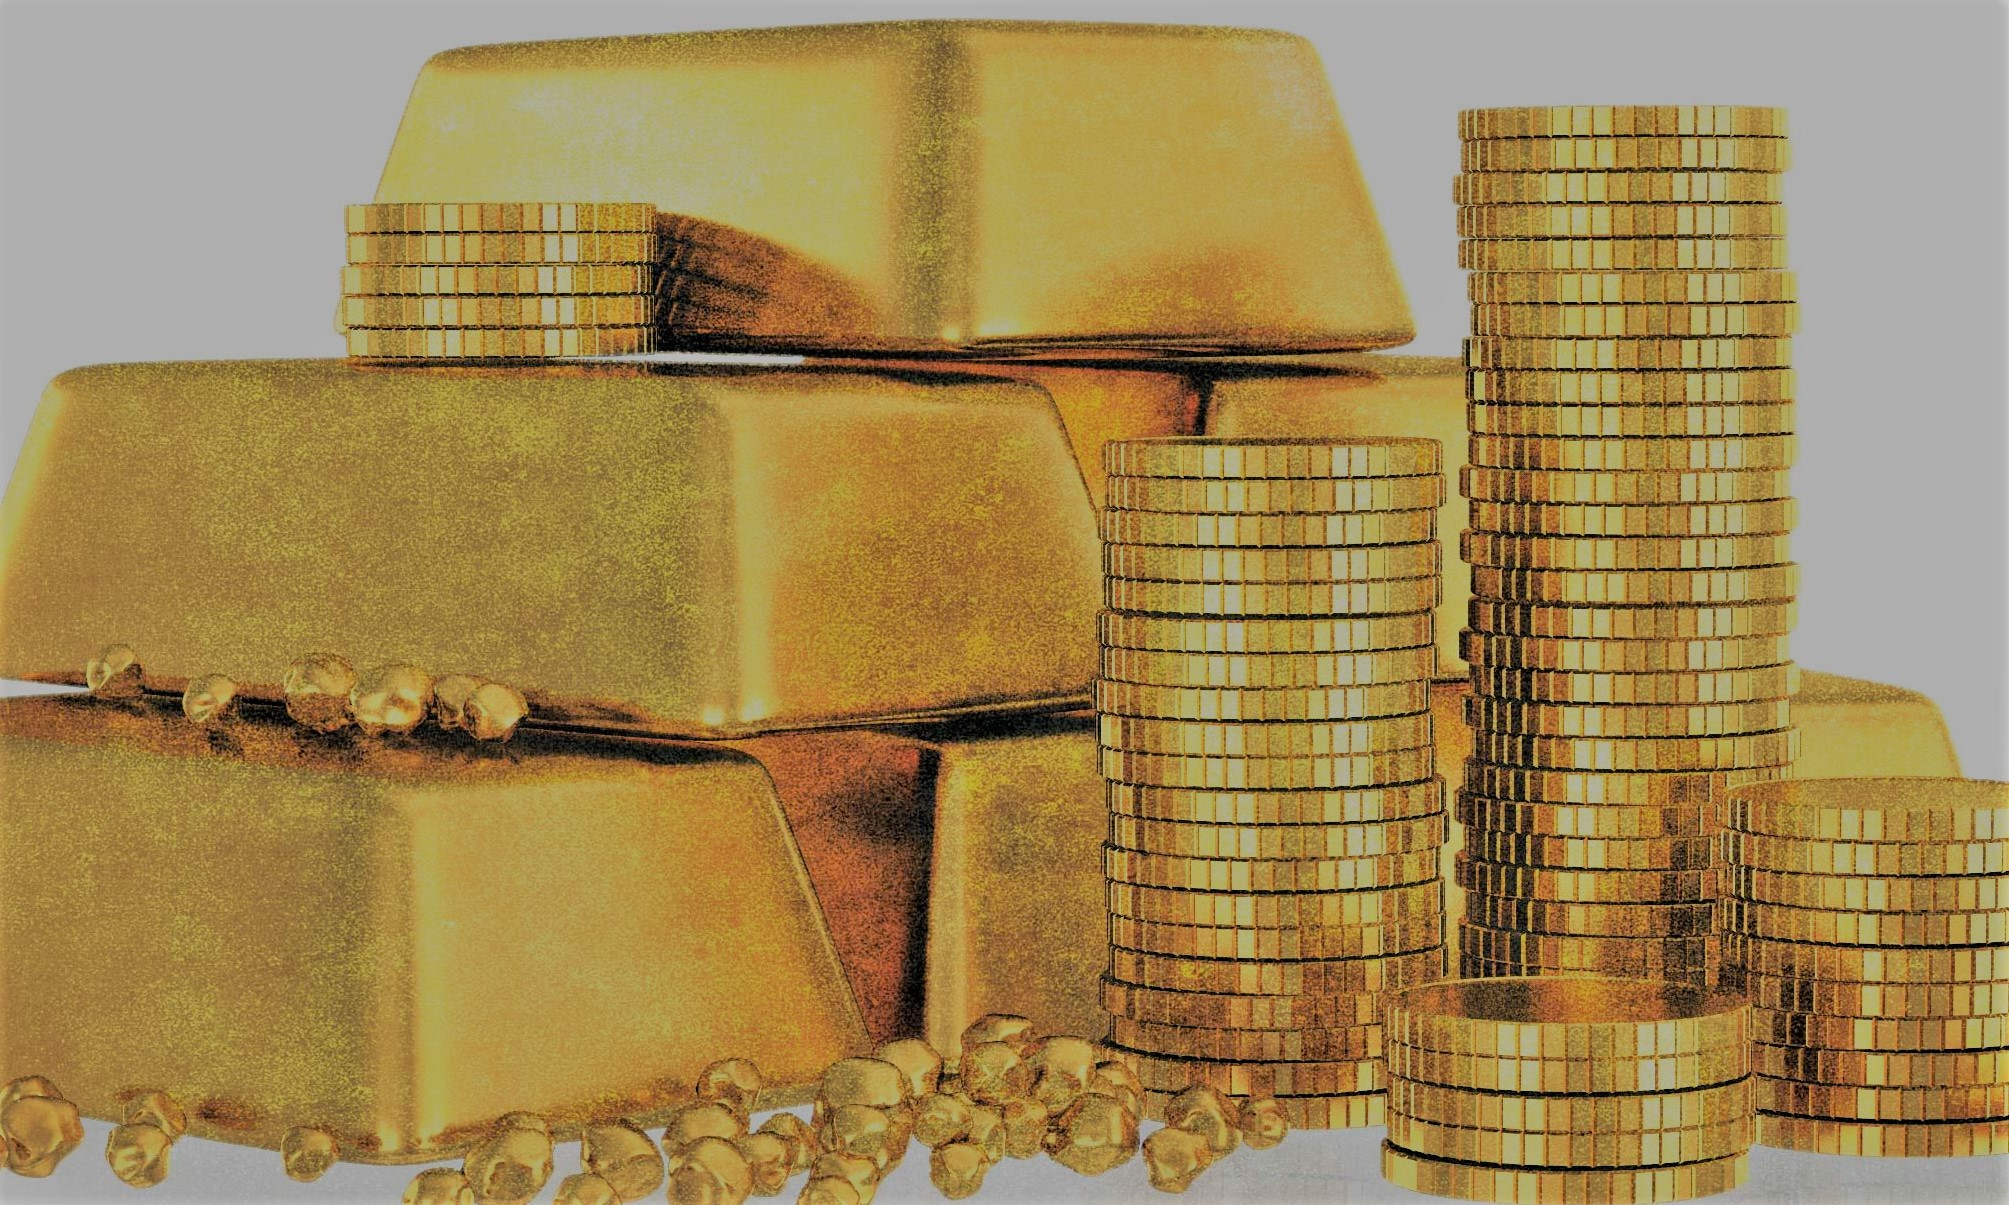 Производство из золота и его сплавов